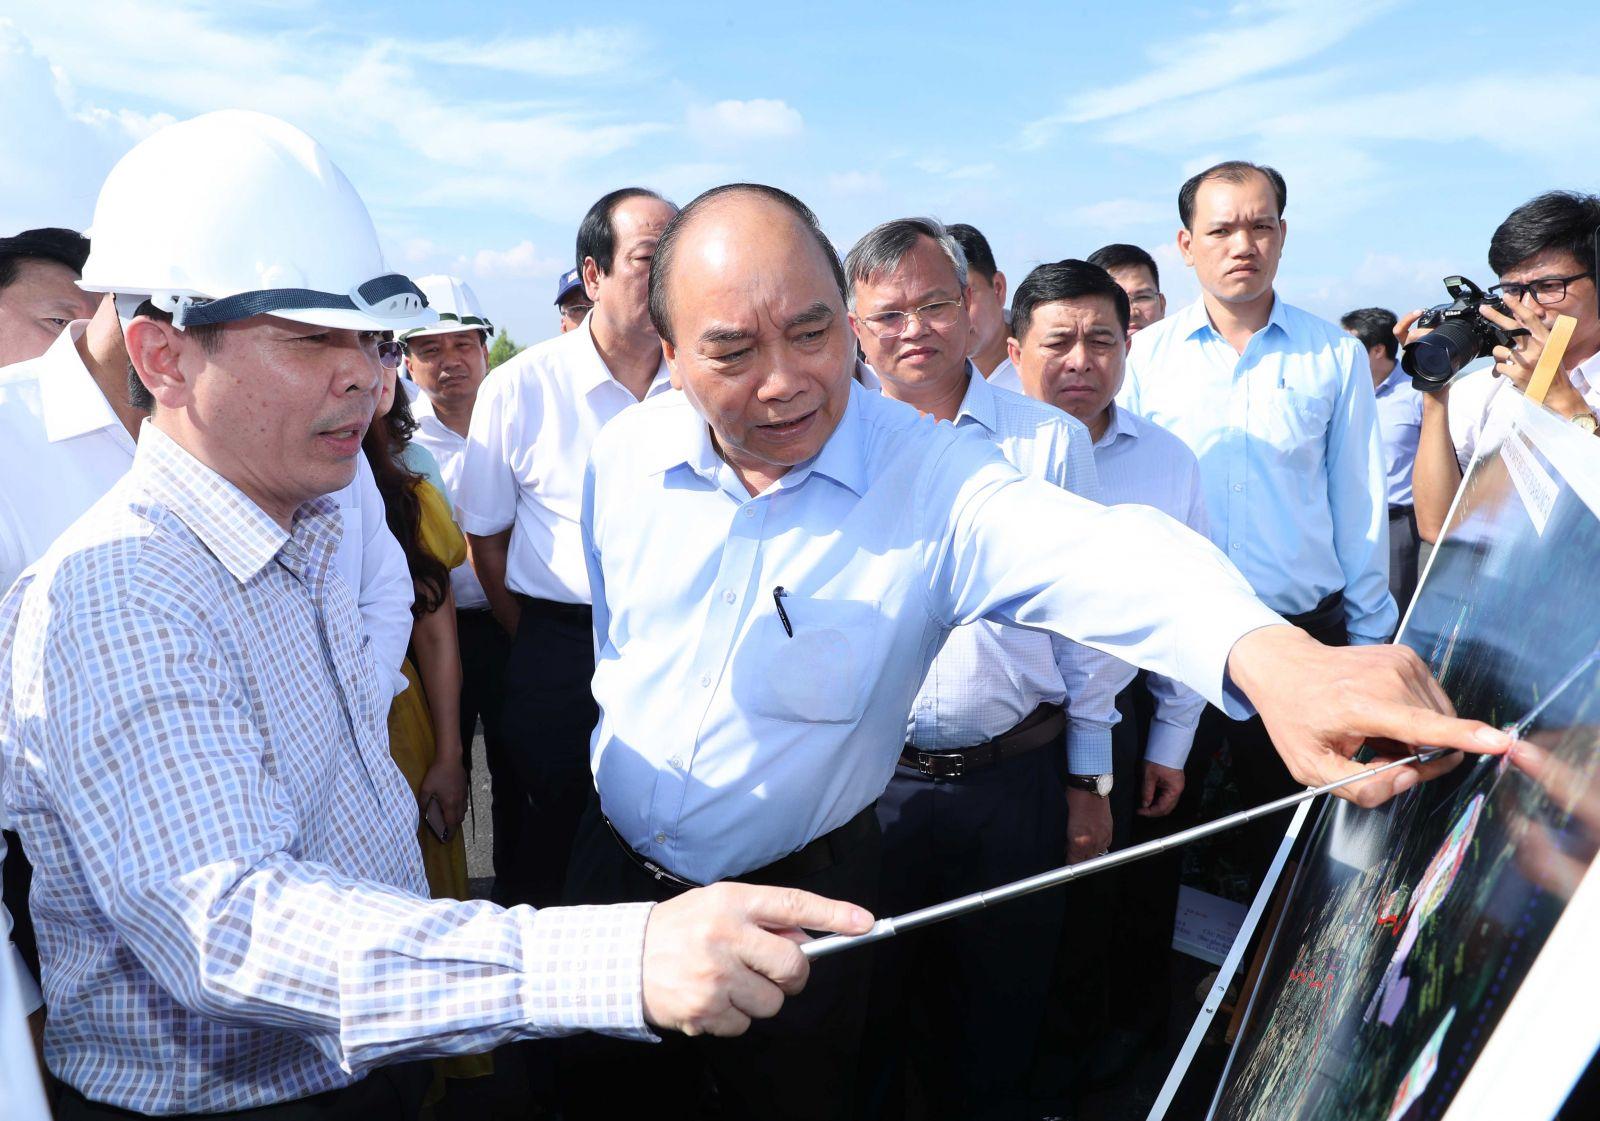 Thủ tướng Nguyễn Xuân Phúc thị sát dự án cầu Phước An. - Ảnh: VGP